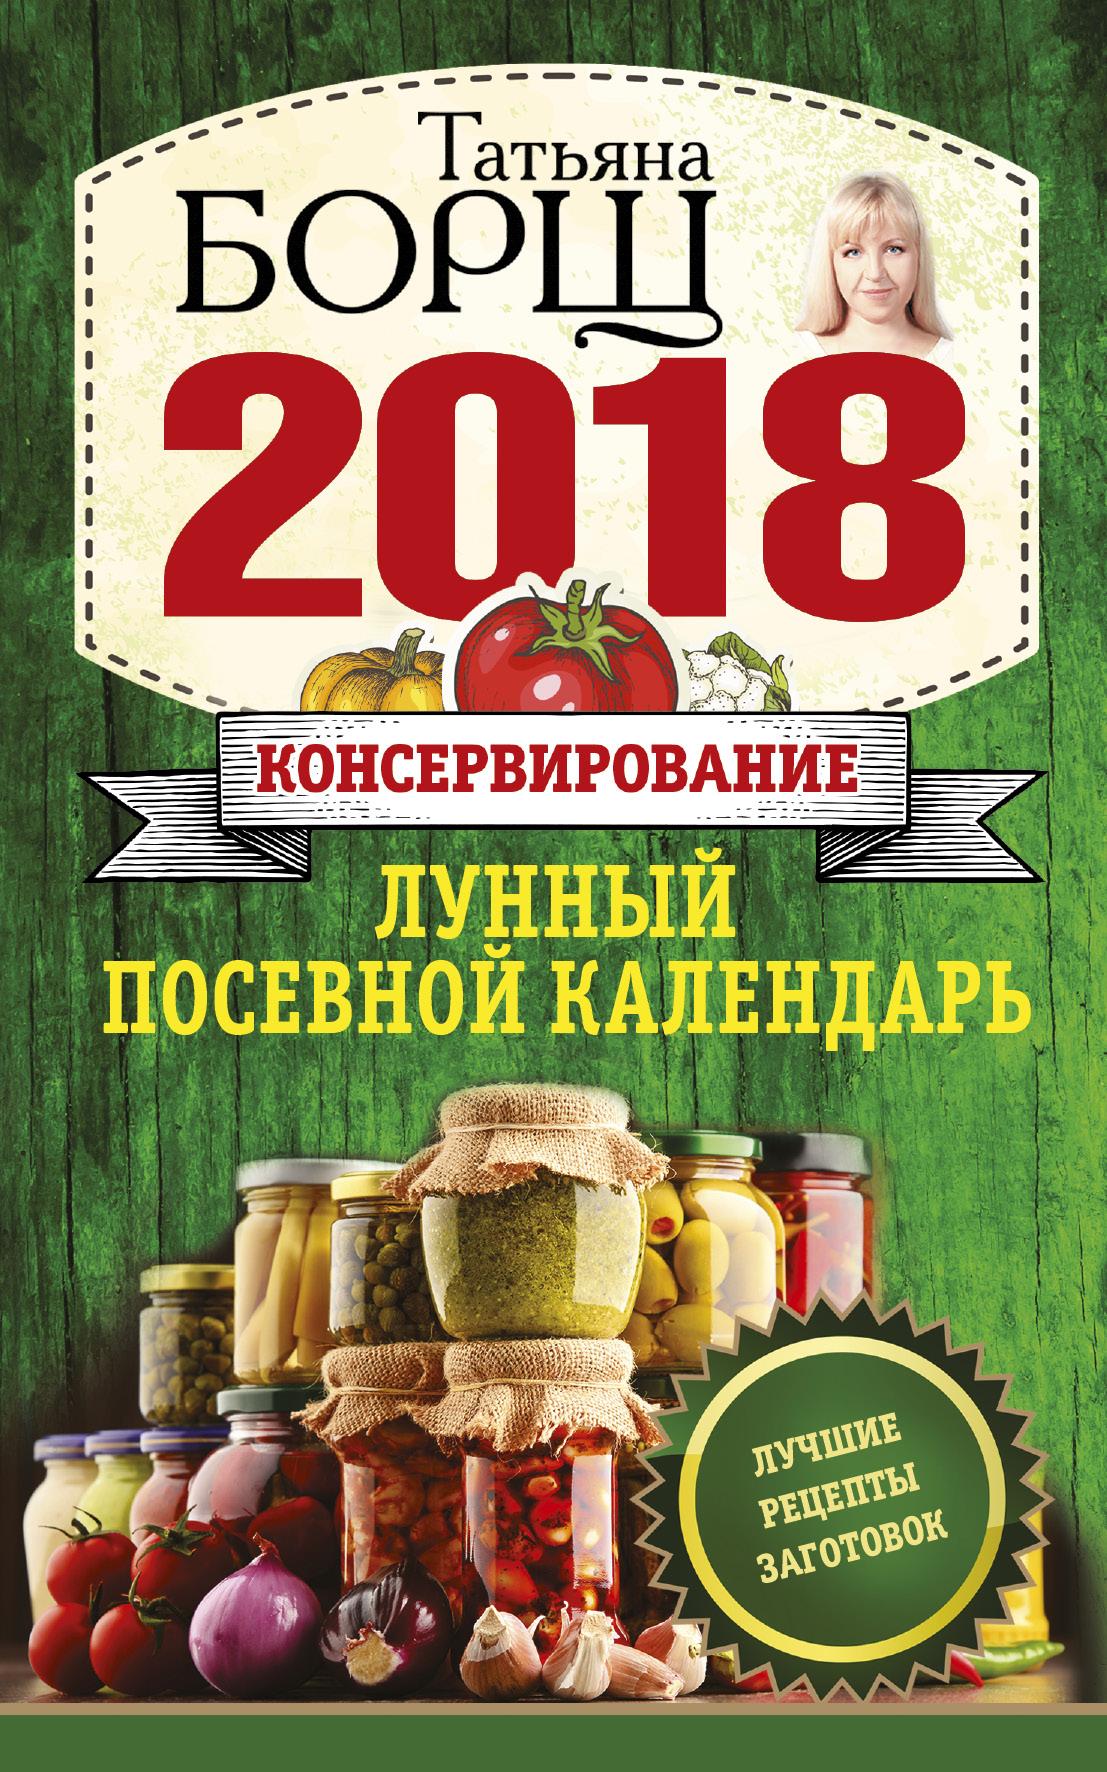 Борщ Татьяна Консервирование. Лунный посевной календарь на 2018 год + лучшие рецепты заготовок